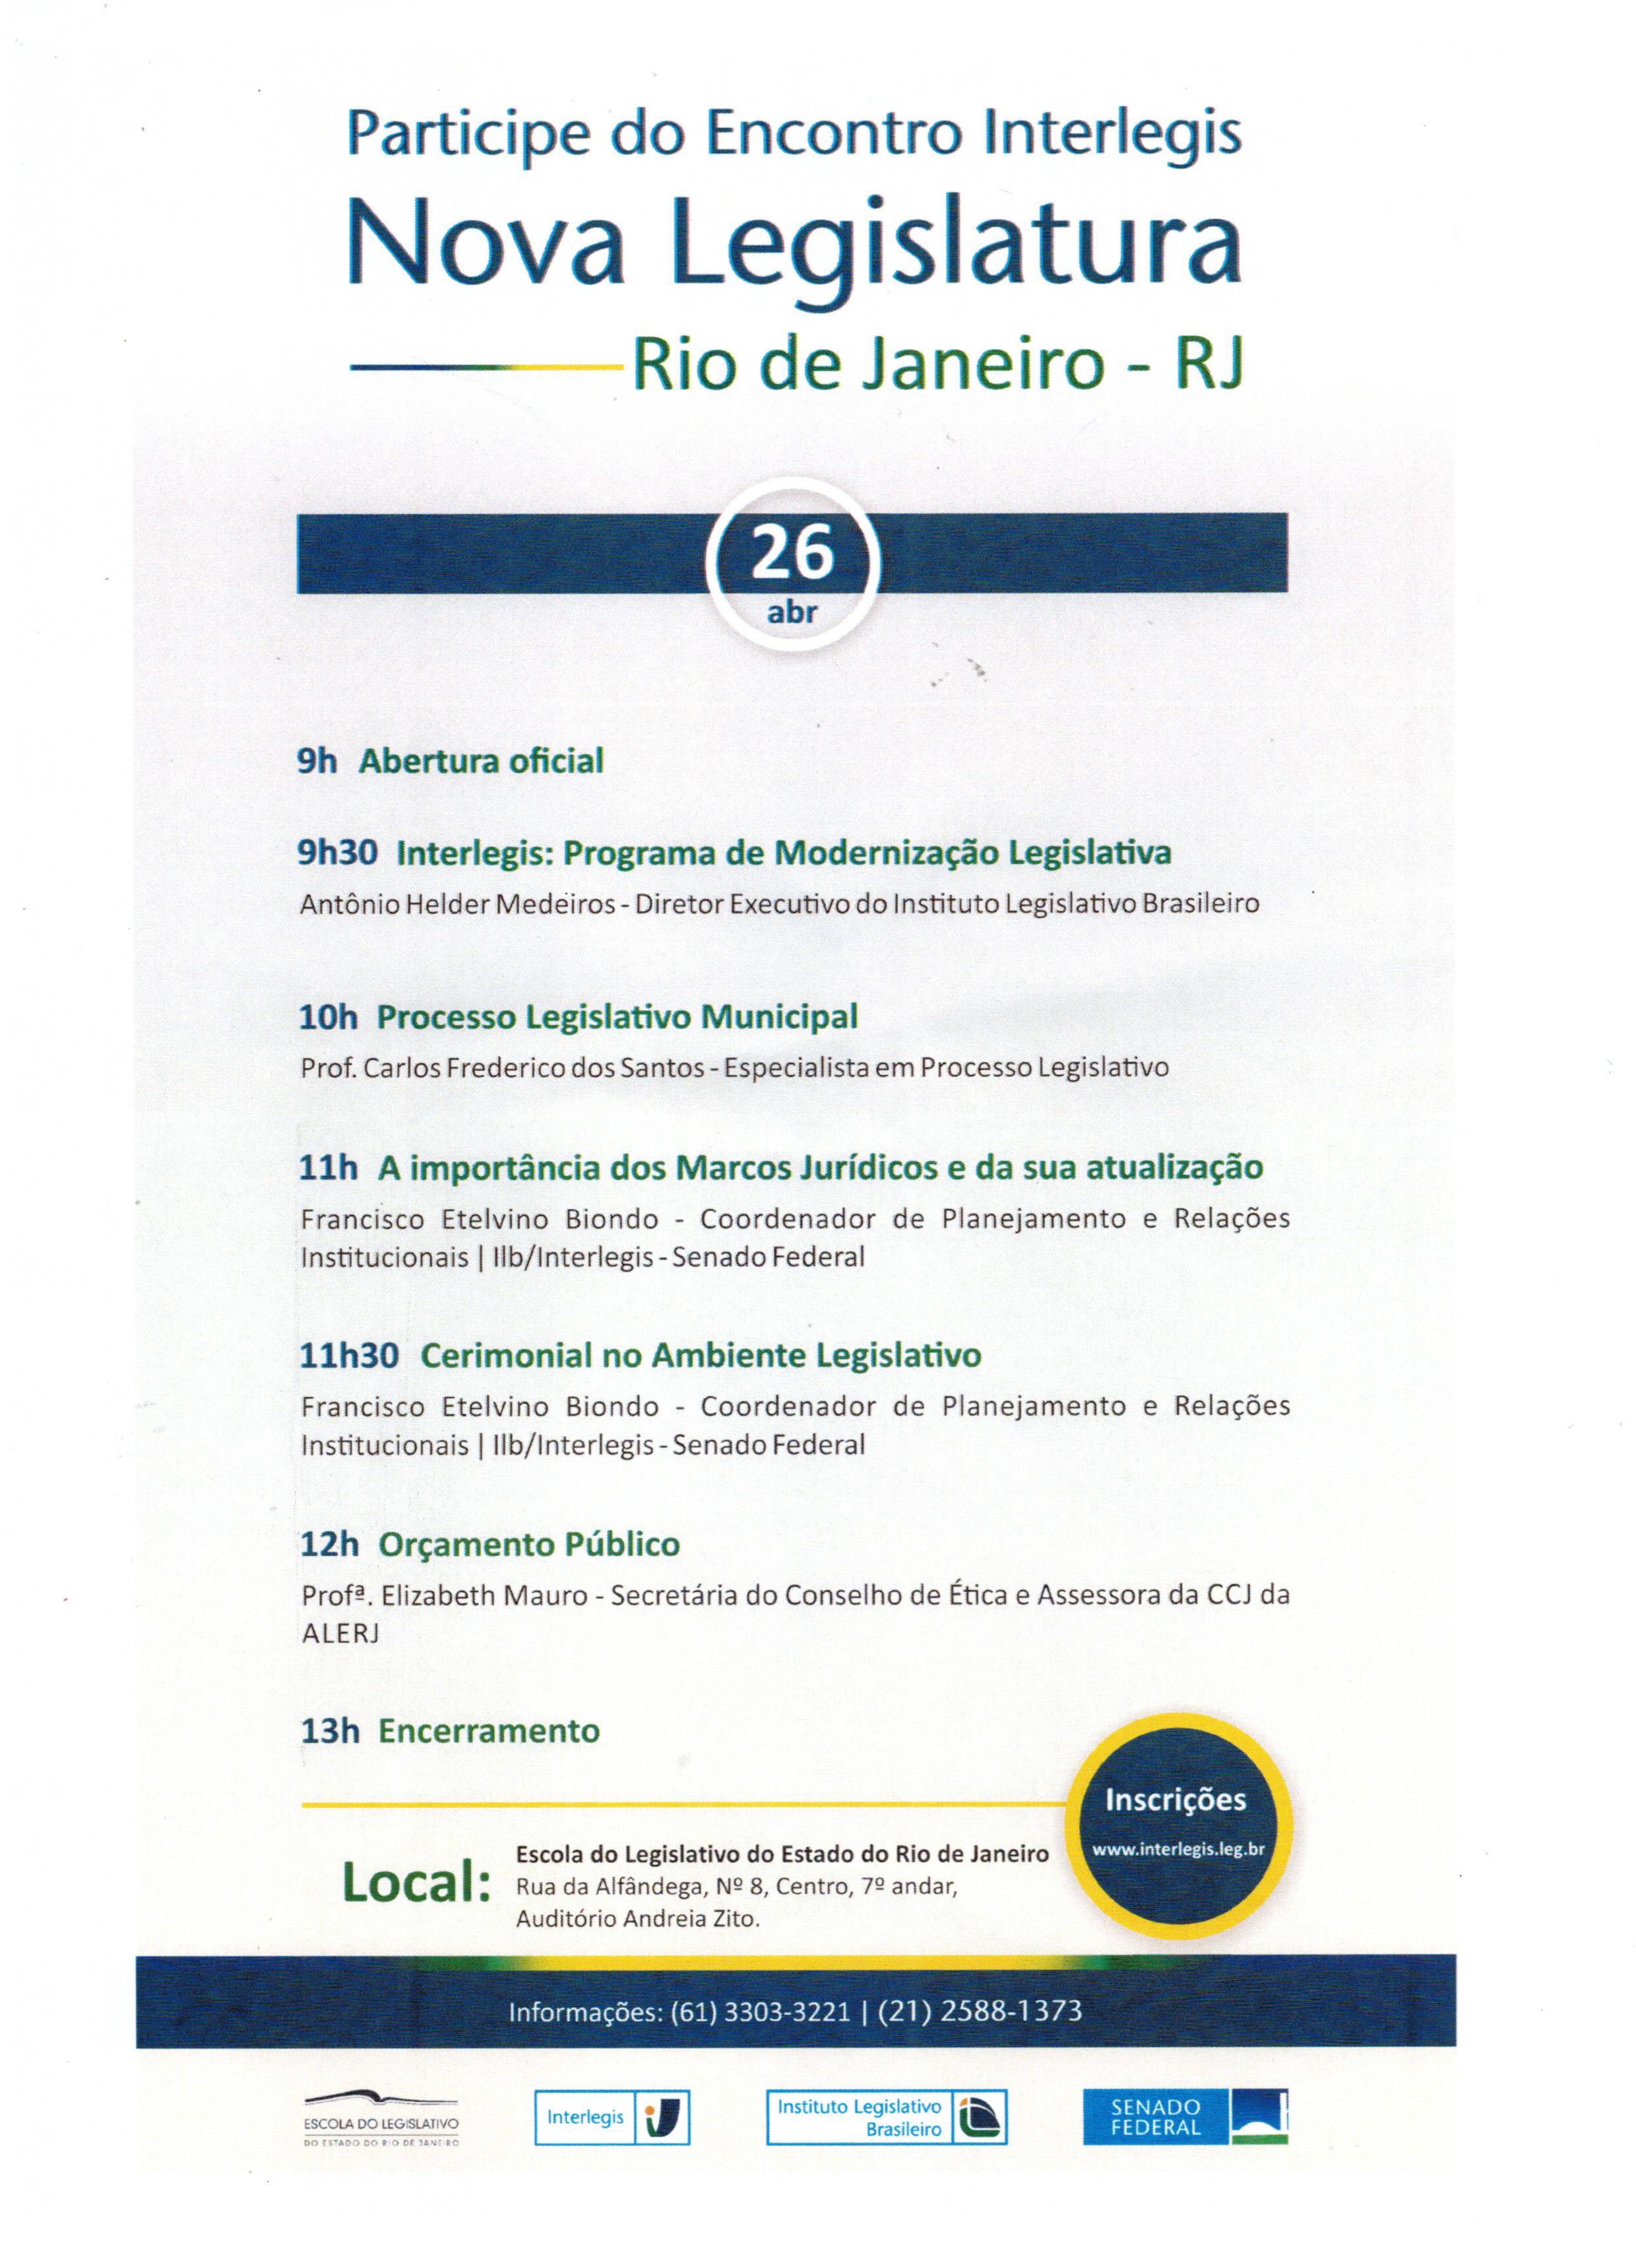 Encontro Interlegis Nova Legislatura Rio de Janeiro- RJ